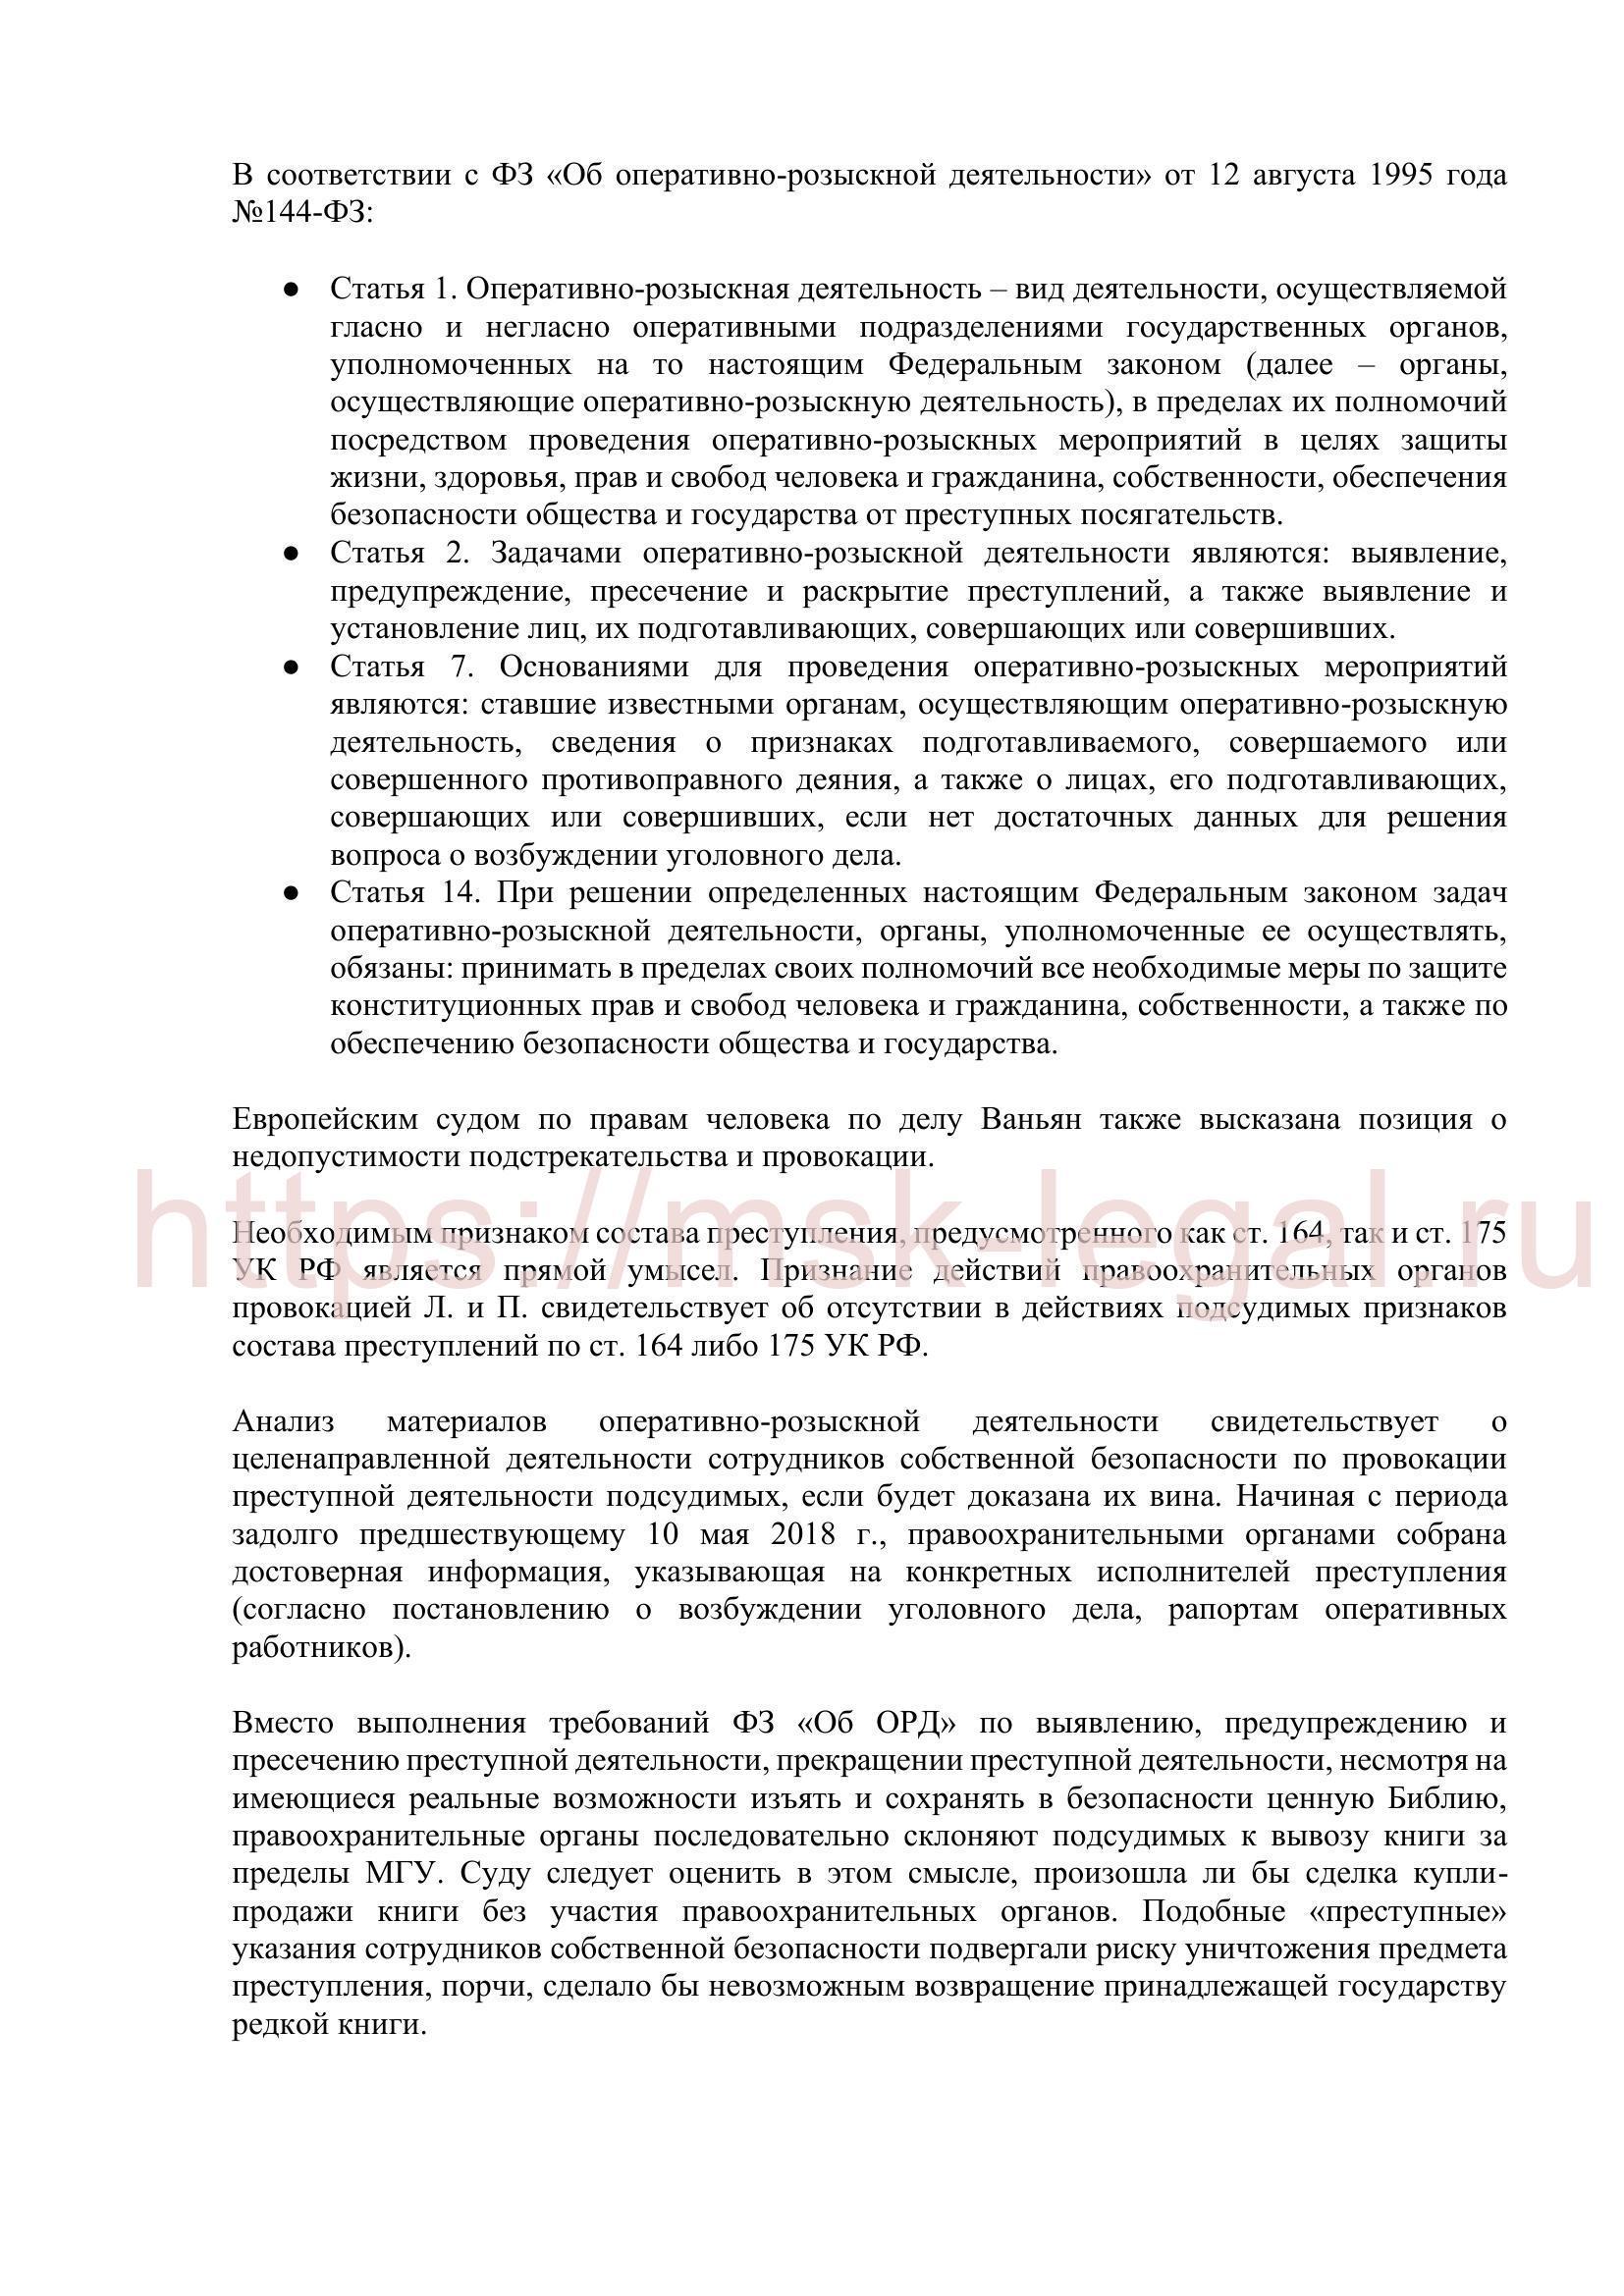 Прения адвоката Хоруженко А. С. по делу о хищении культурных ценностей